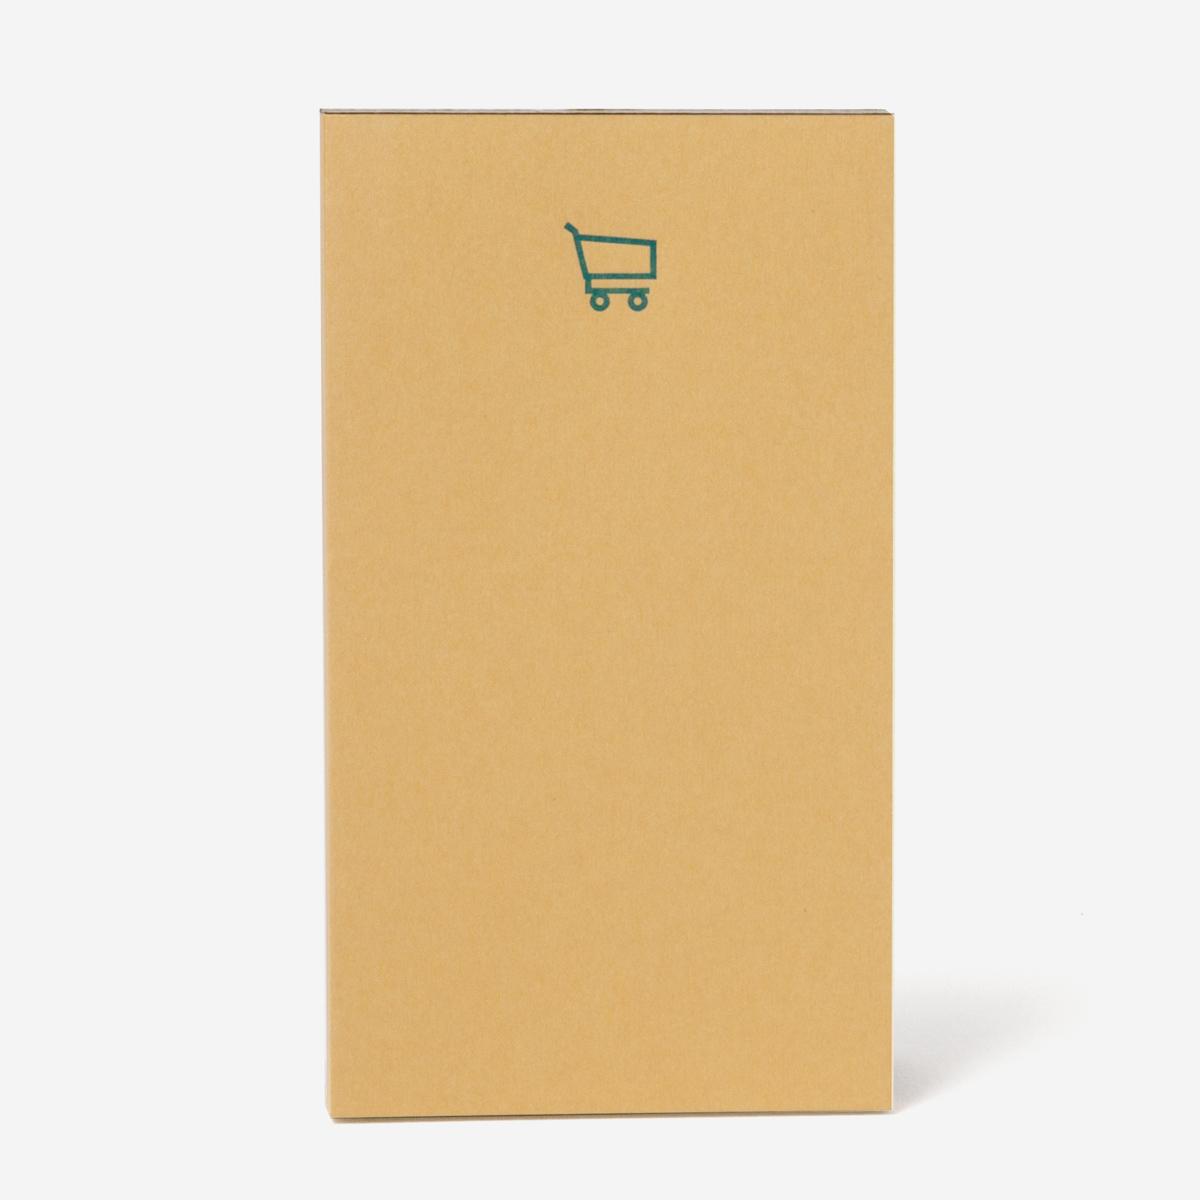 Le typographe online shop